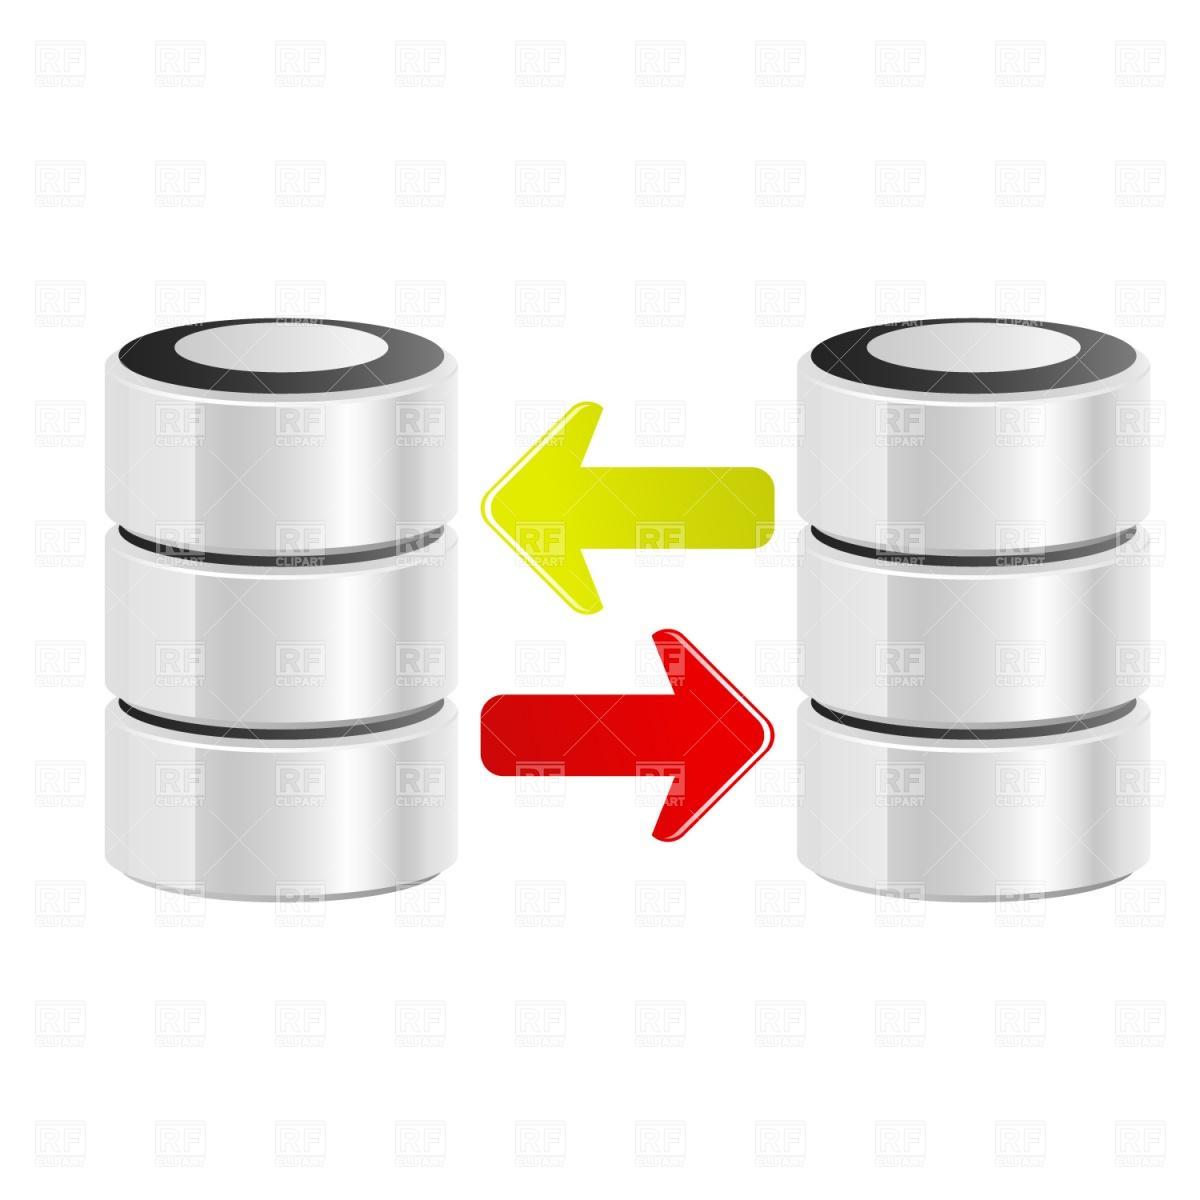 Data transfer clipart.